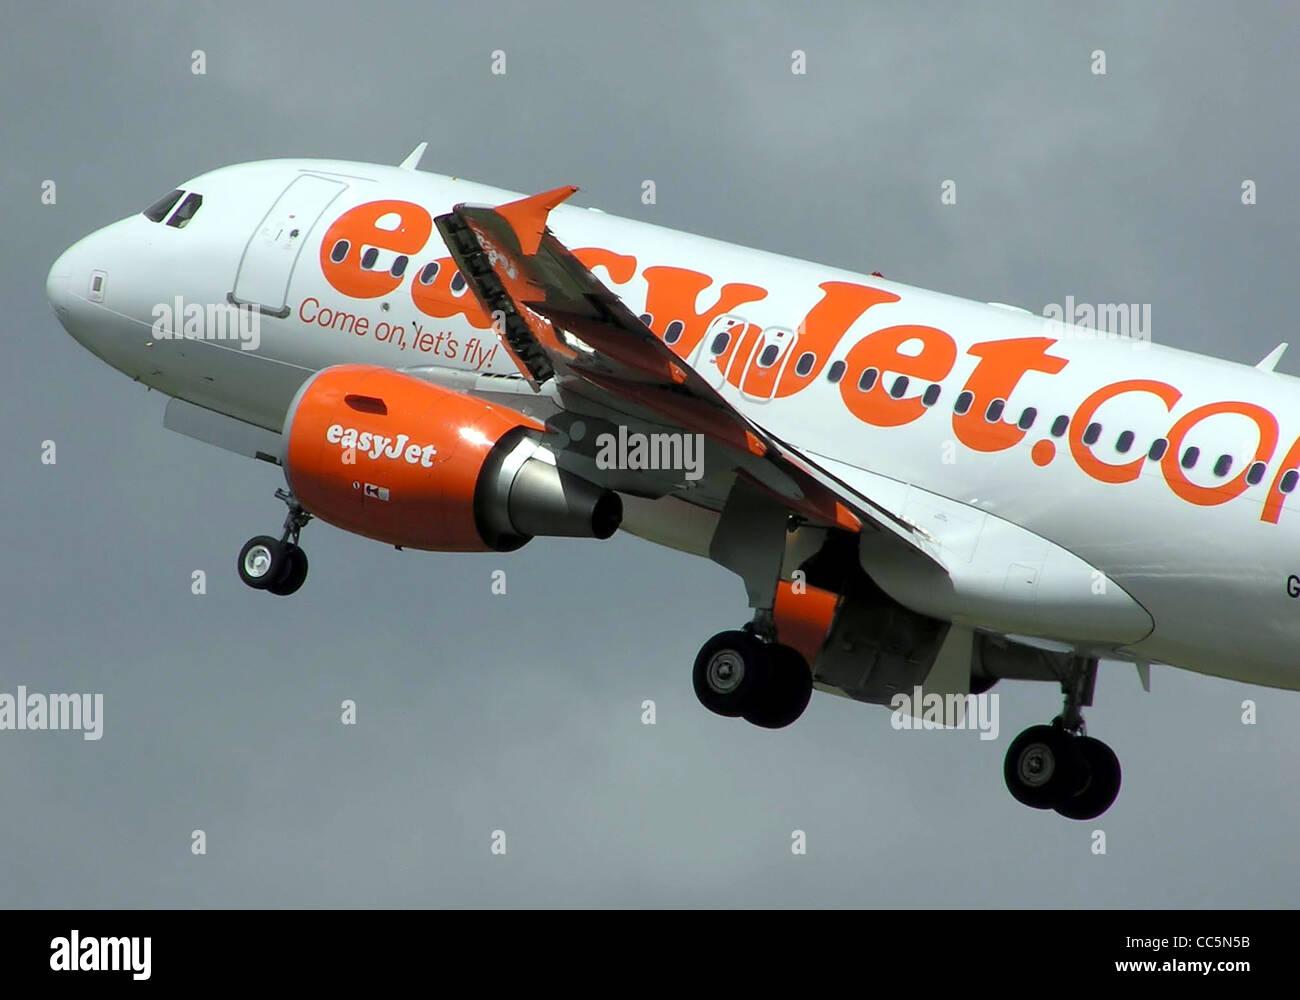 Eine EasyJet Airbus A319 (Registrierung unbekannt) startet vom Flughafen Bristol, Bristol, England. Stockbild